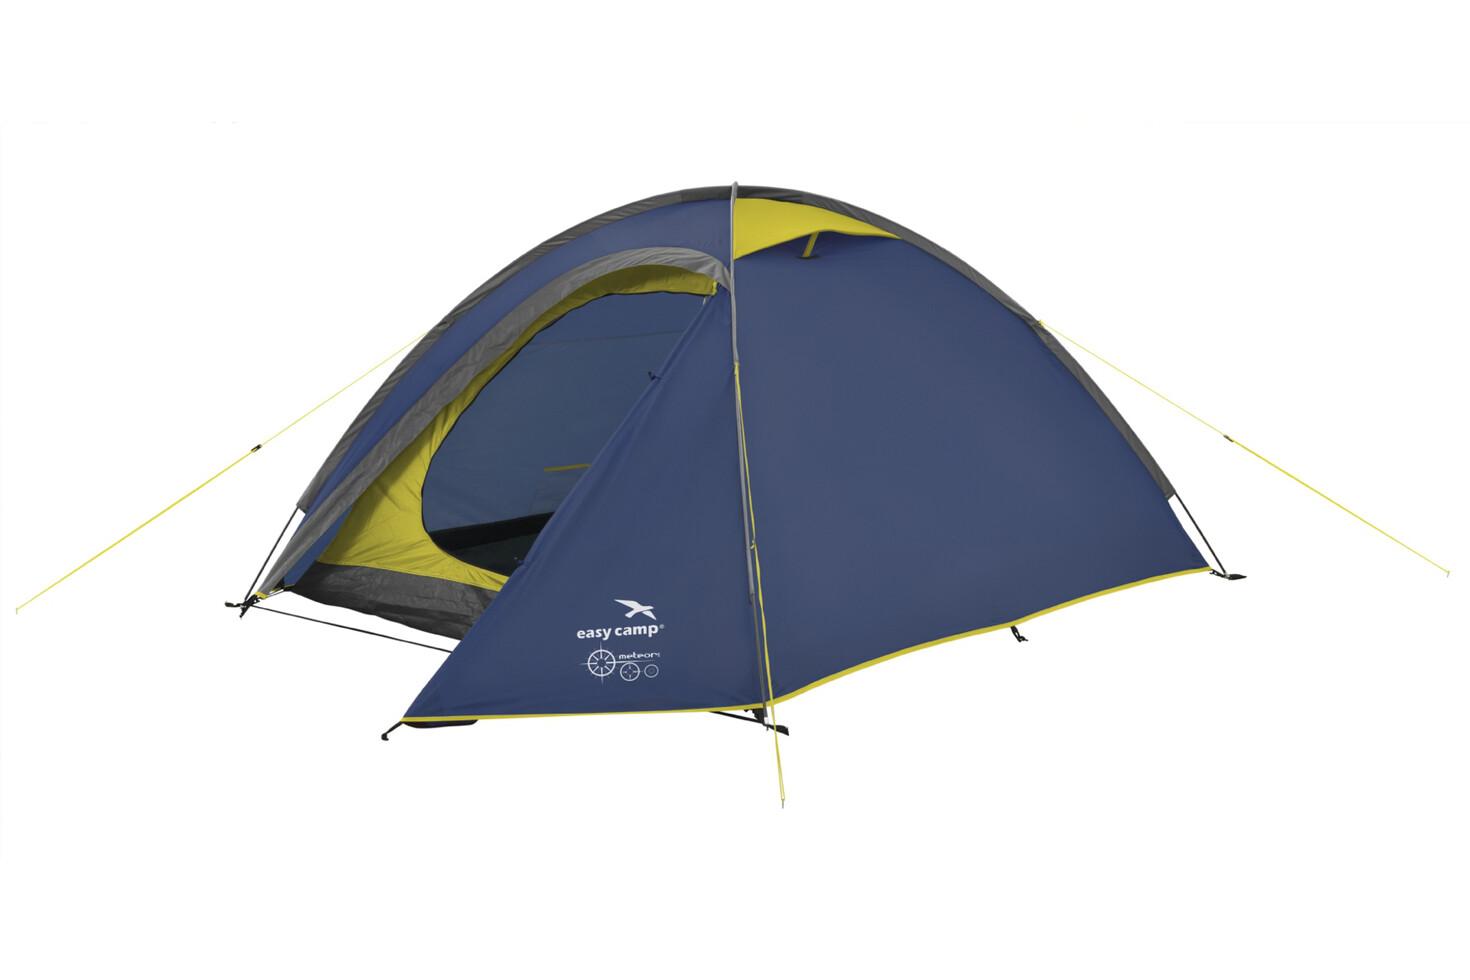 Easy Camp Meteor 200 Zelt~Campingzelt~Camping